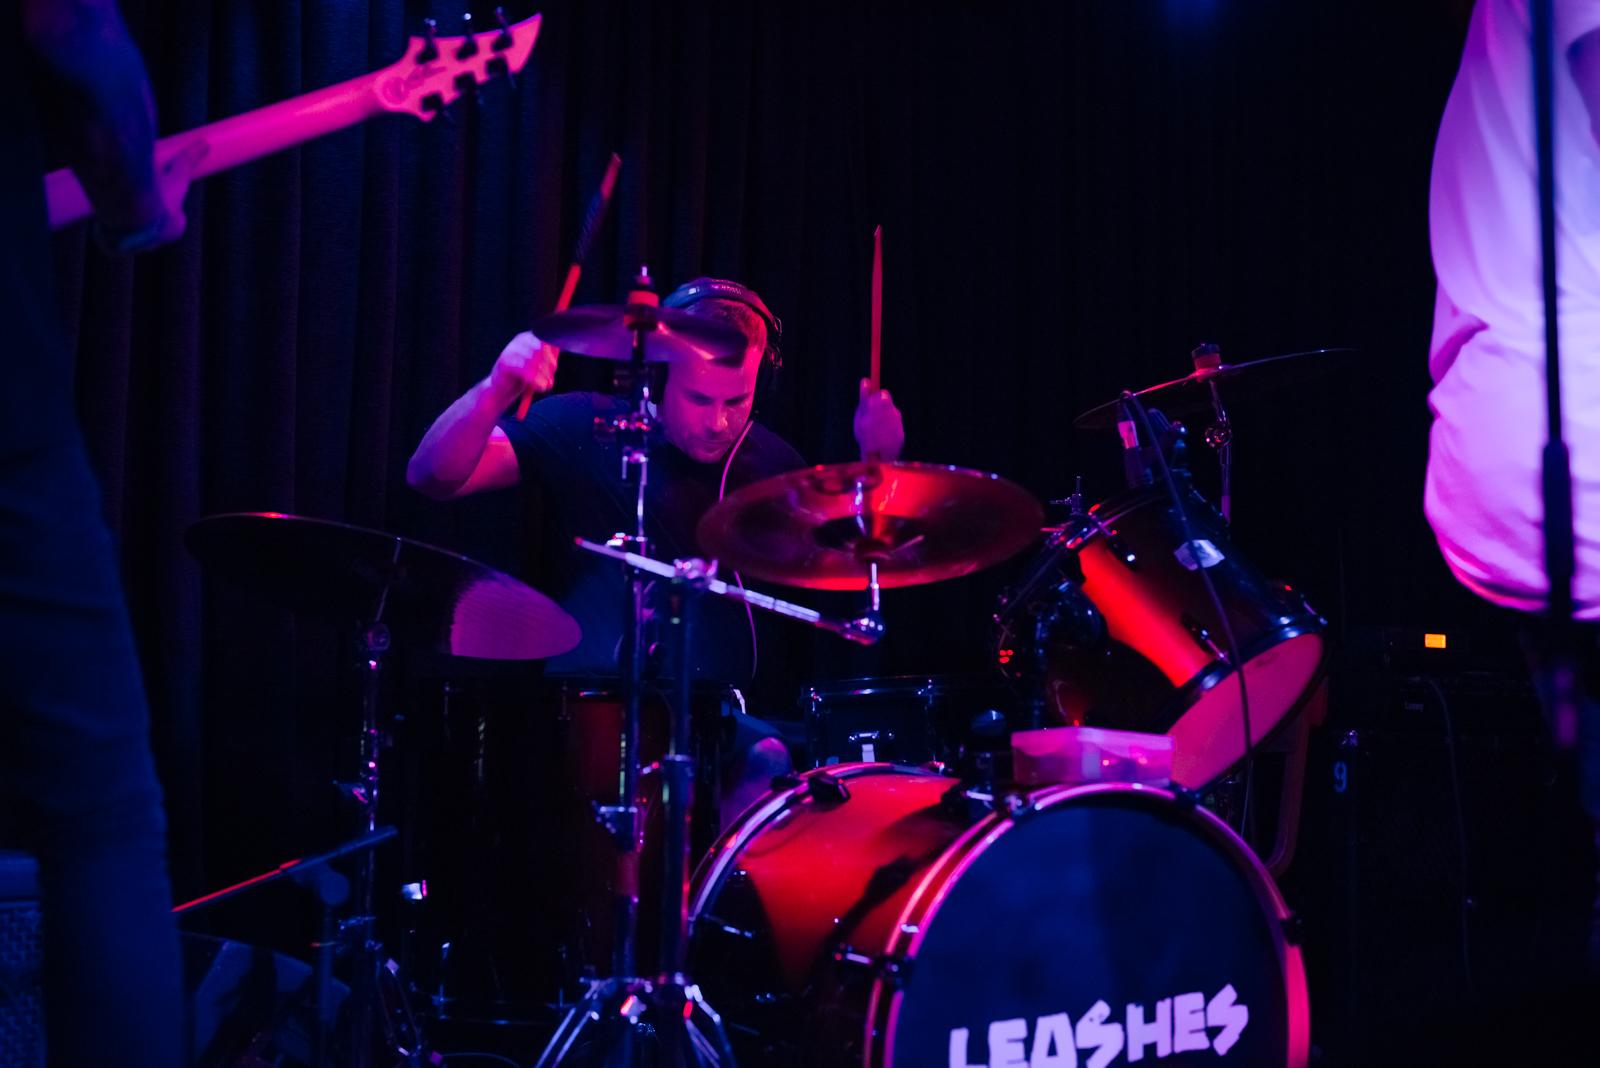 Leashes-14-11-17-32.jpg